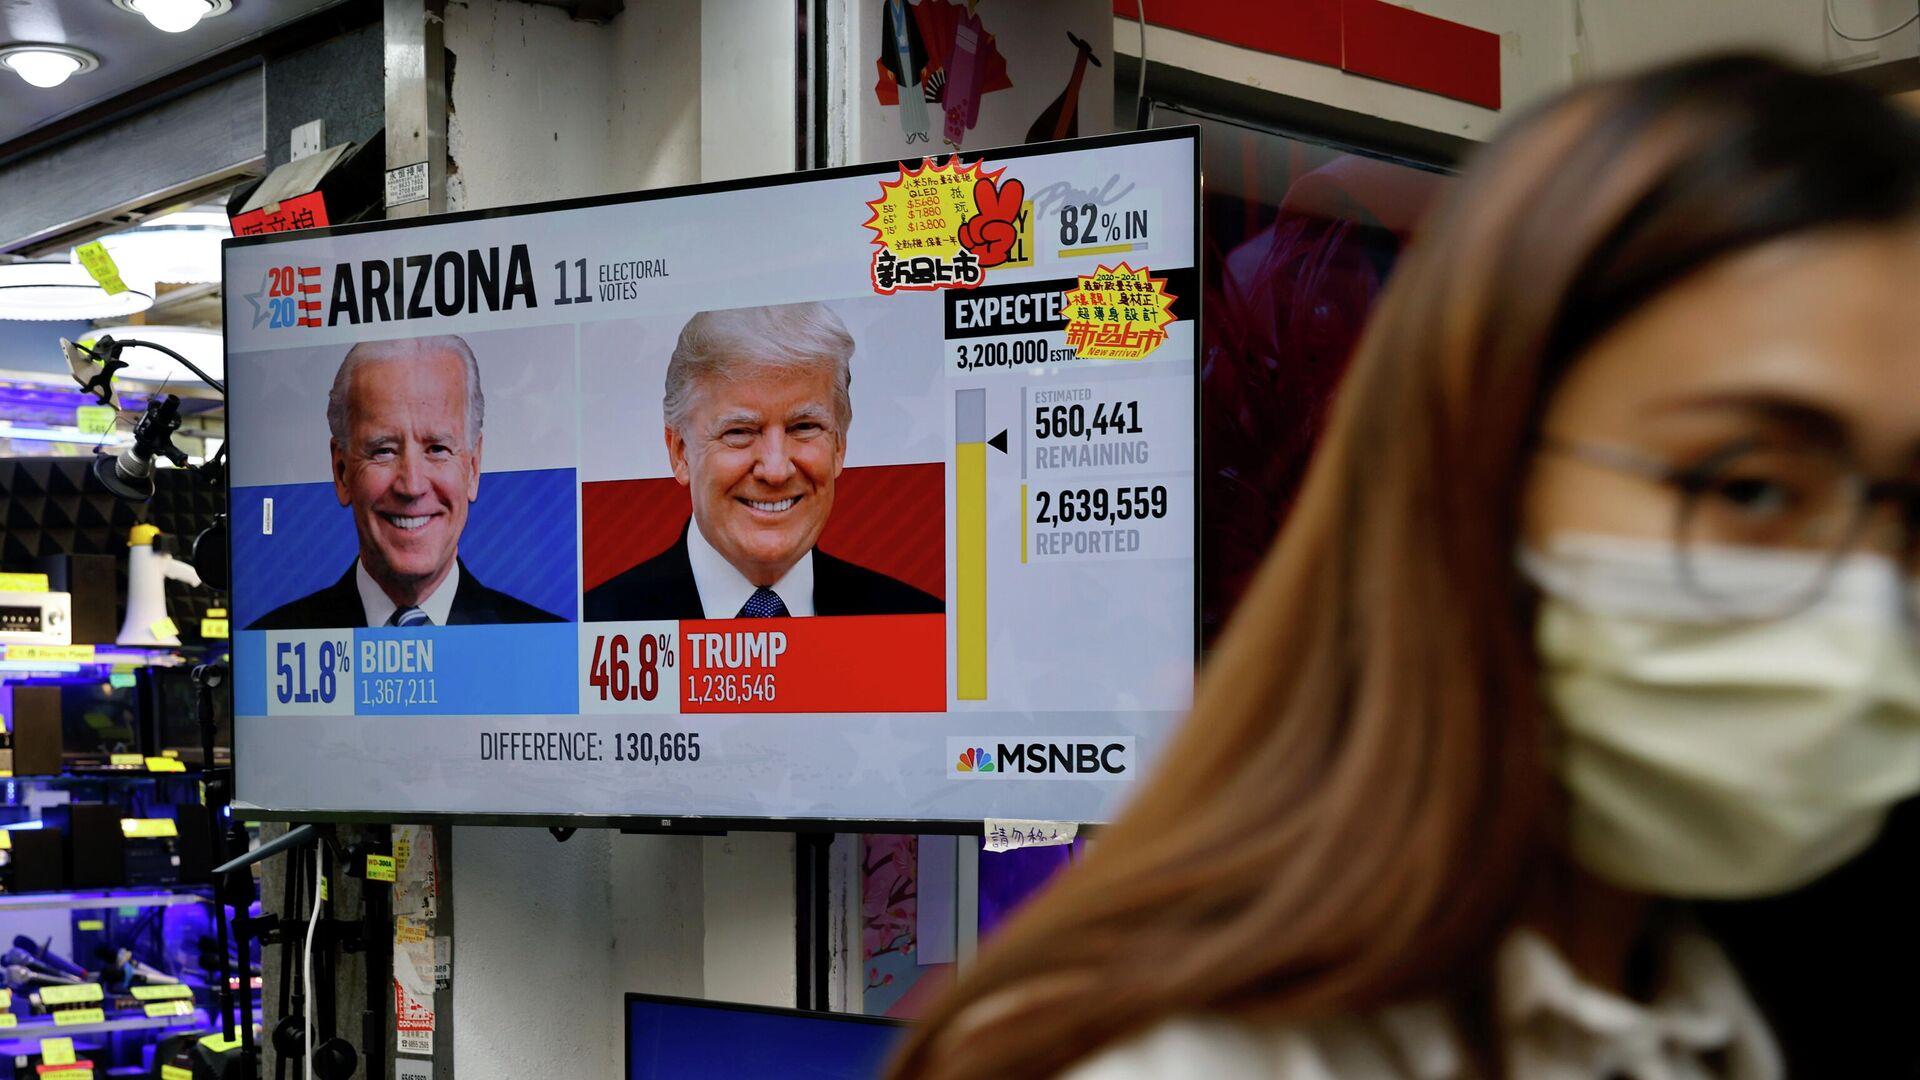 Новостной репортаж о президентских выборах в США на телеэкране в Гонконге, Китай - РИА Новости, 1920, 04.11.2020